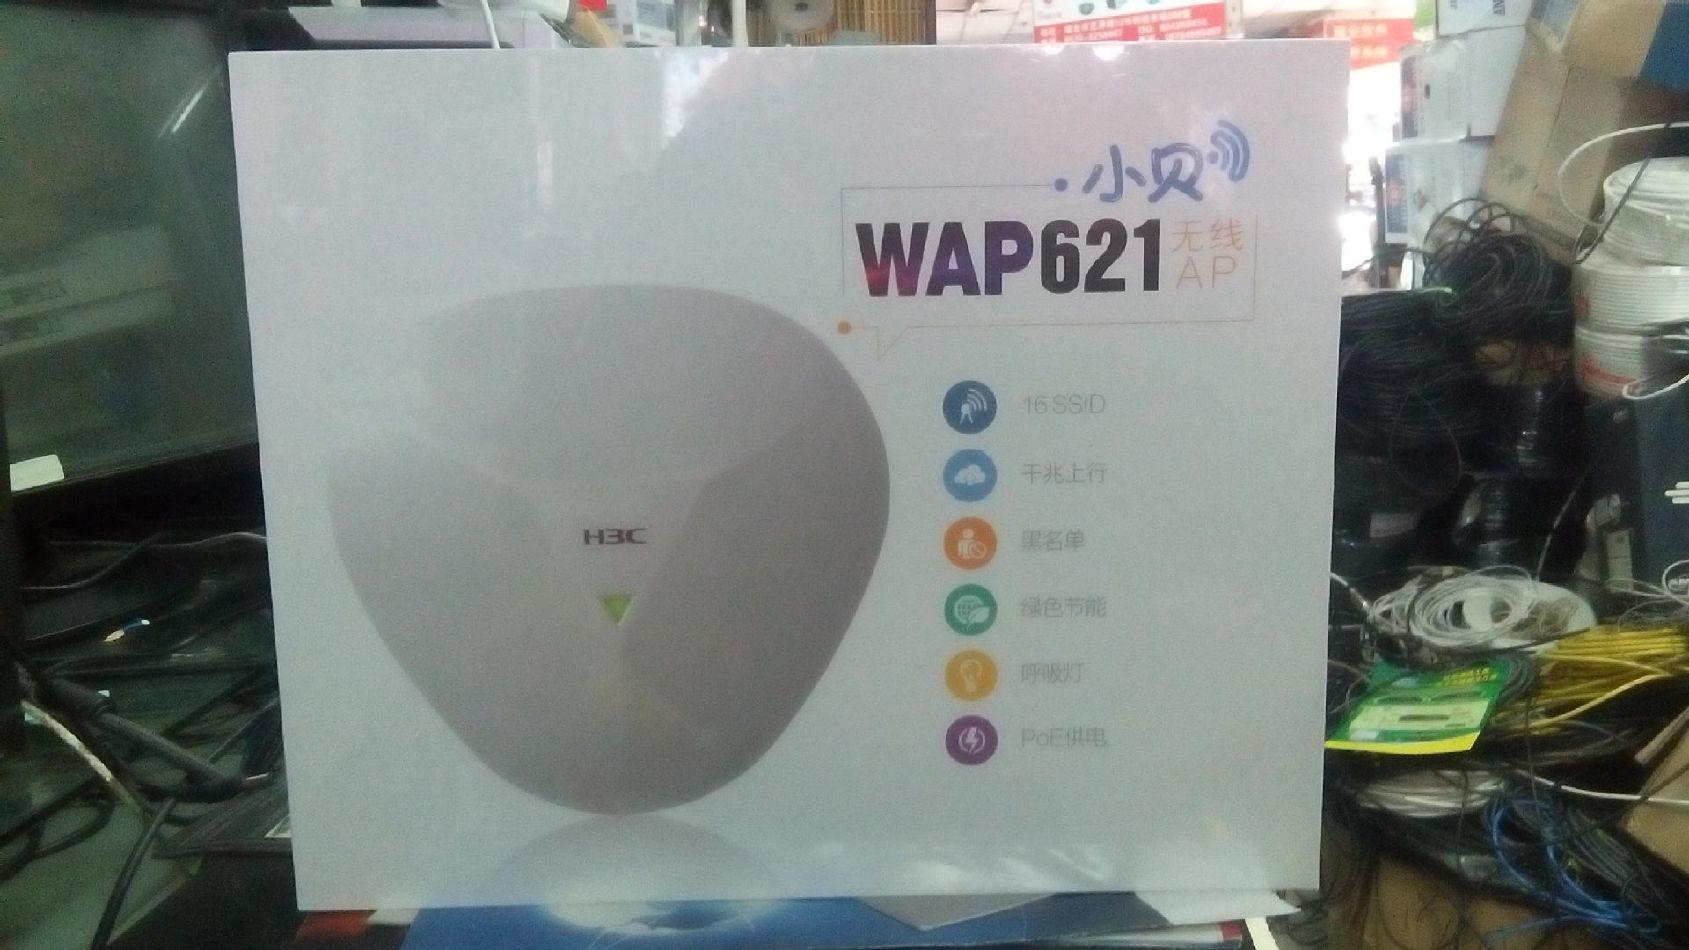 华三H3C无线wifi 室内无线覆盖 专用AP 300M 无线覆盖型号WAP621示例图1